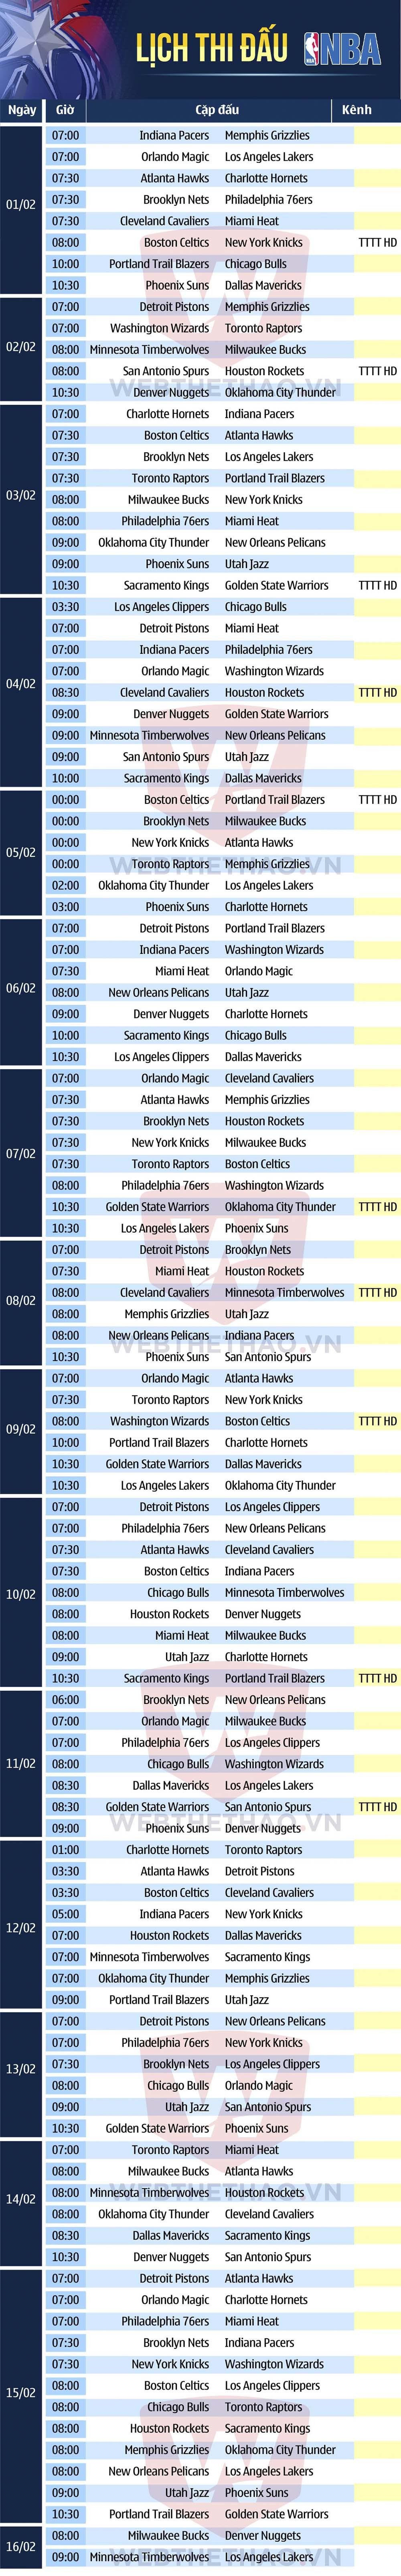 Lịch thi đấu bóng rổ NBA 2017/18 tháng 02 tuần 1-2